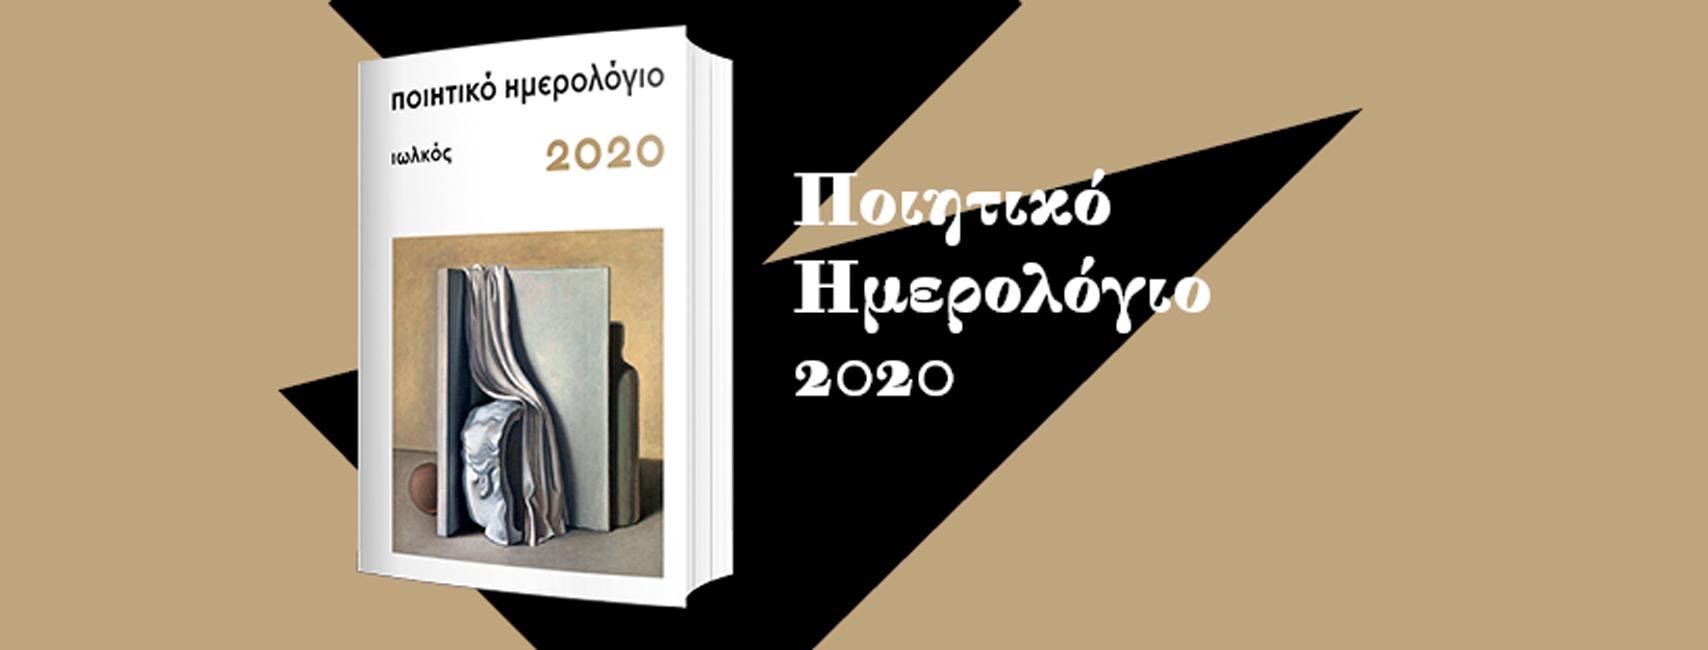 Ποιητικό ημερολόγιο 2020 | Banner